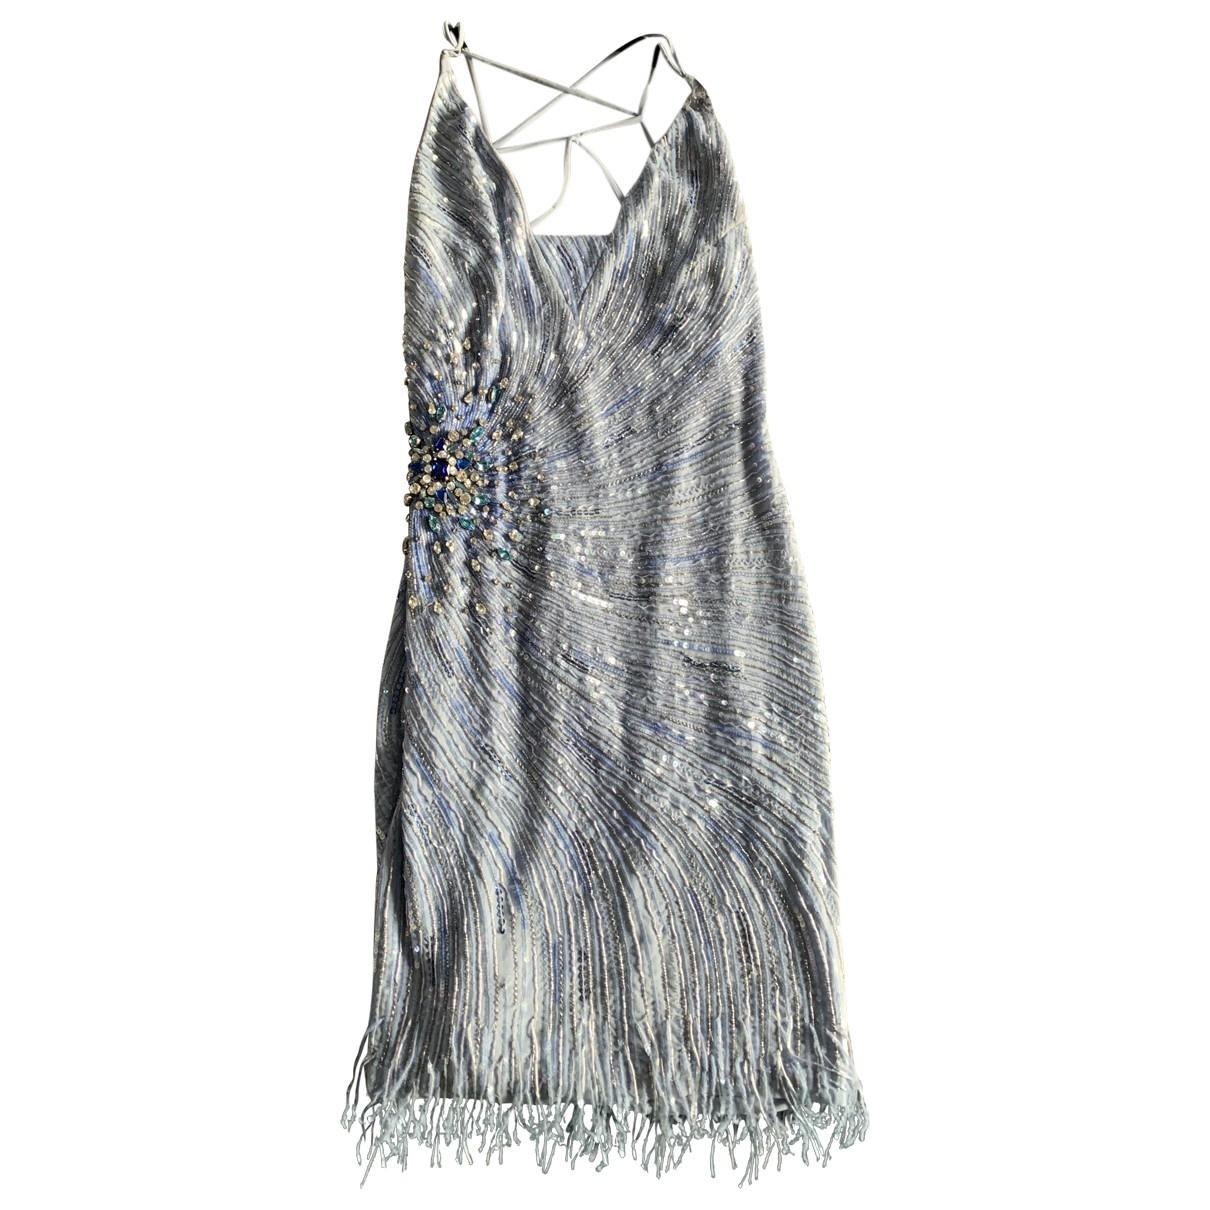 Roberto Cavalli \N Kleid in  Blau Baumwolle - Elasthan